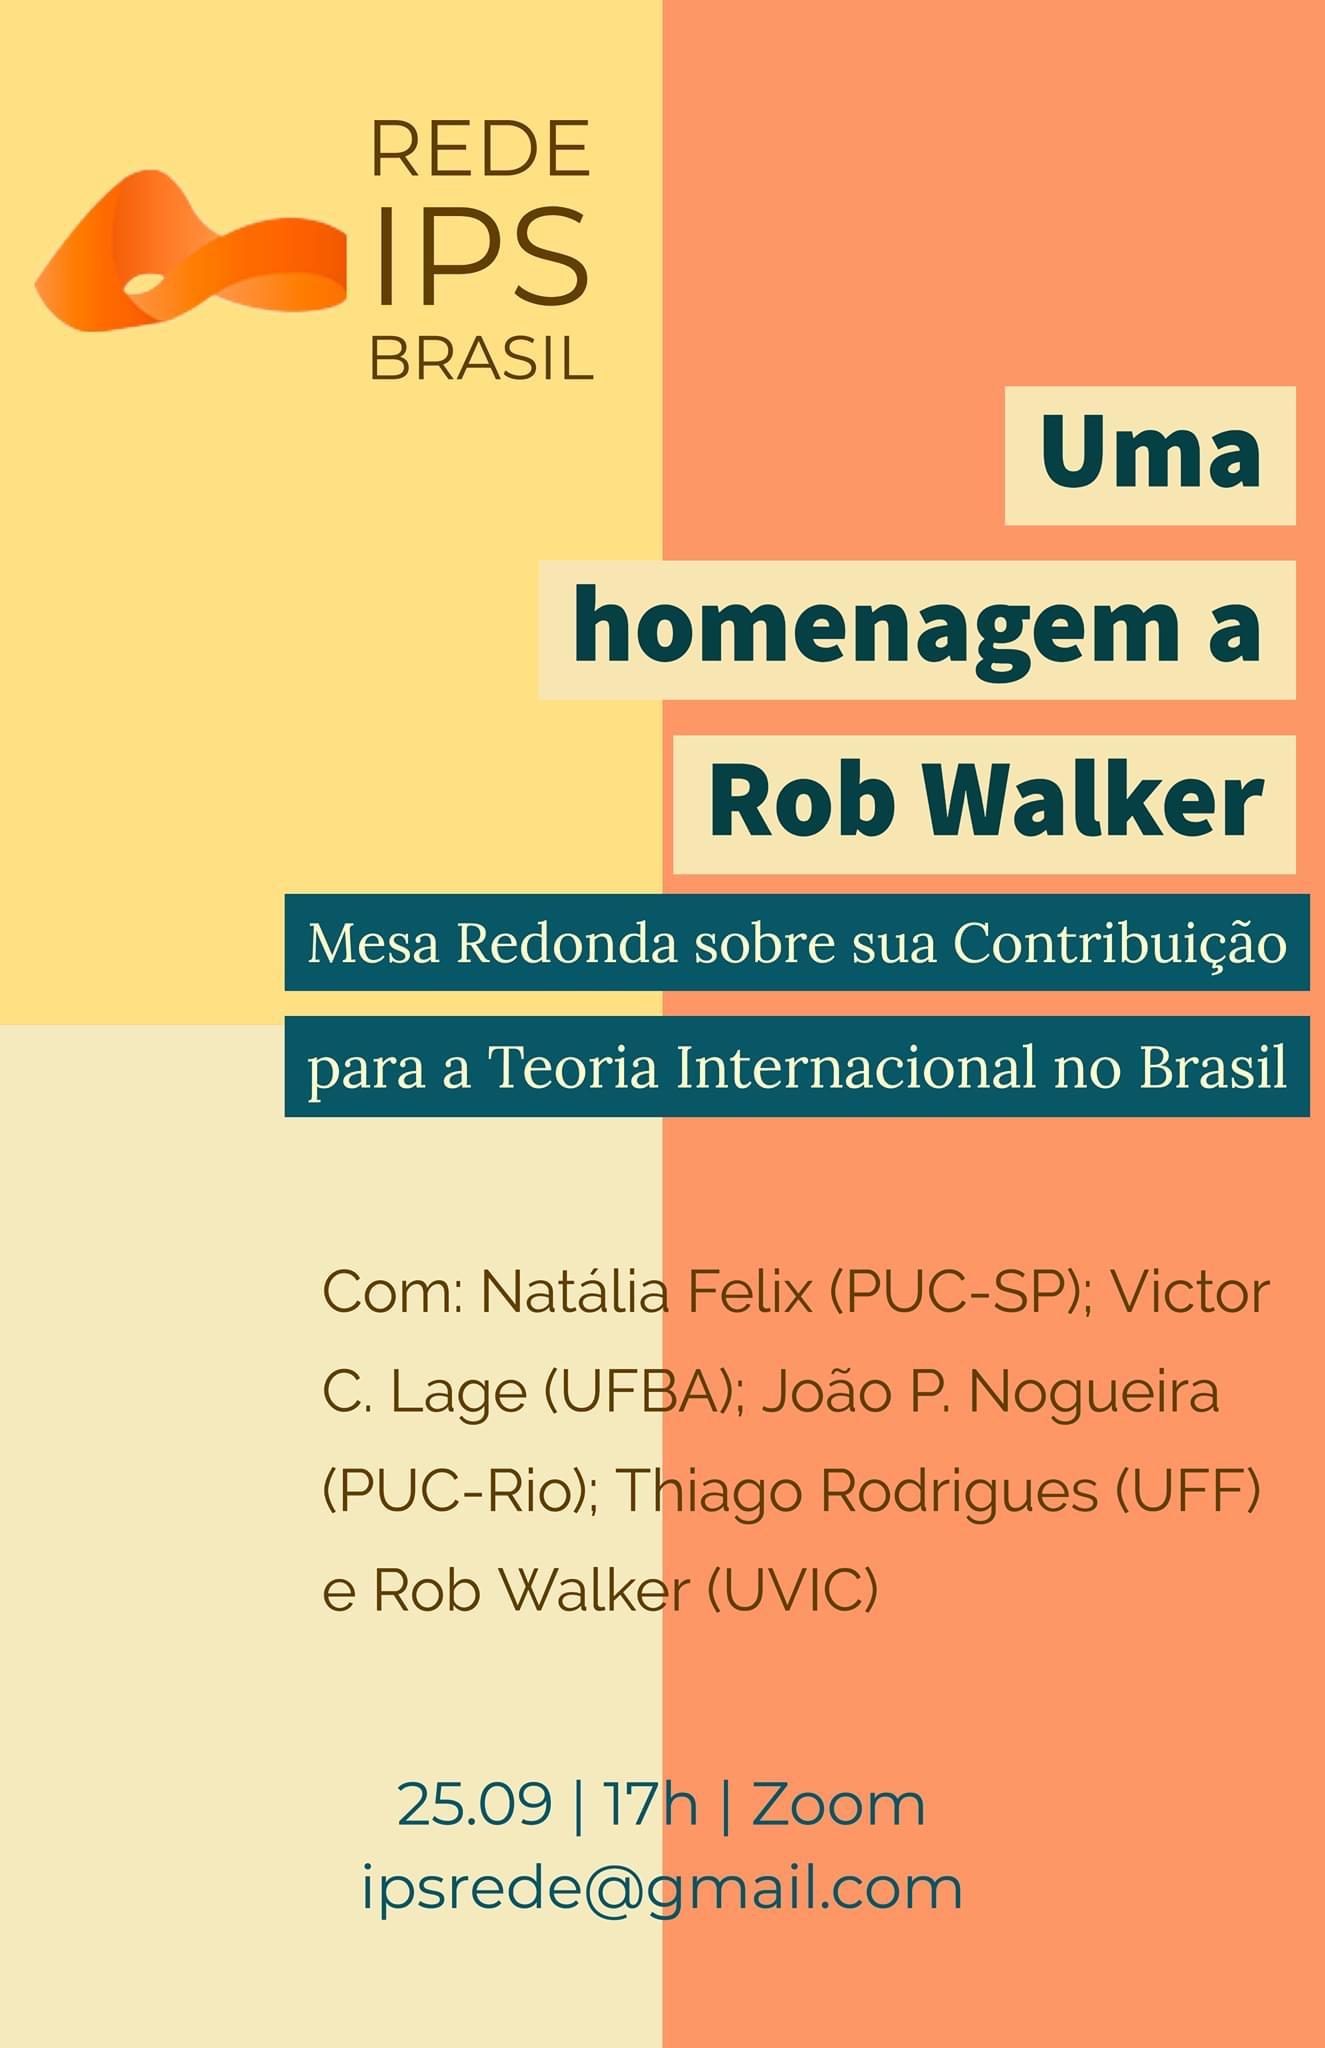 Uma homenagem a Rob Walker: Mesa Redonda sobre sua contribuição para a Teoria Internacional no Brasil